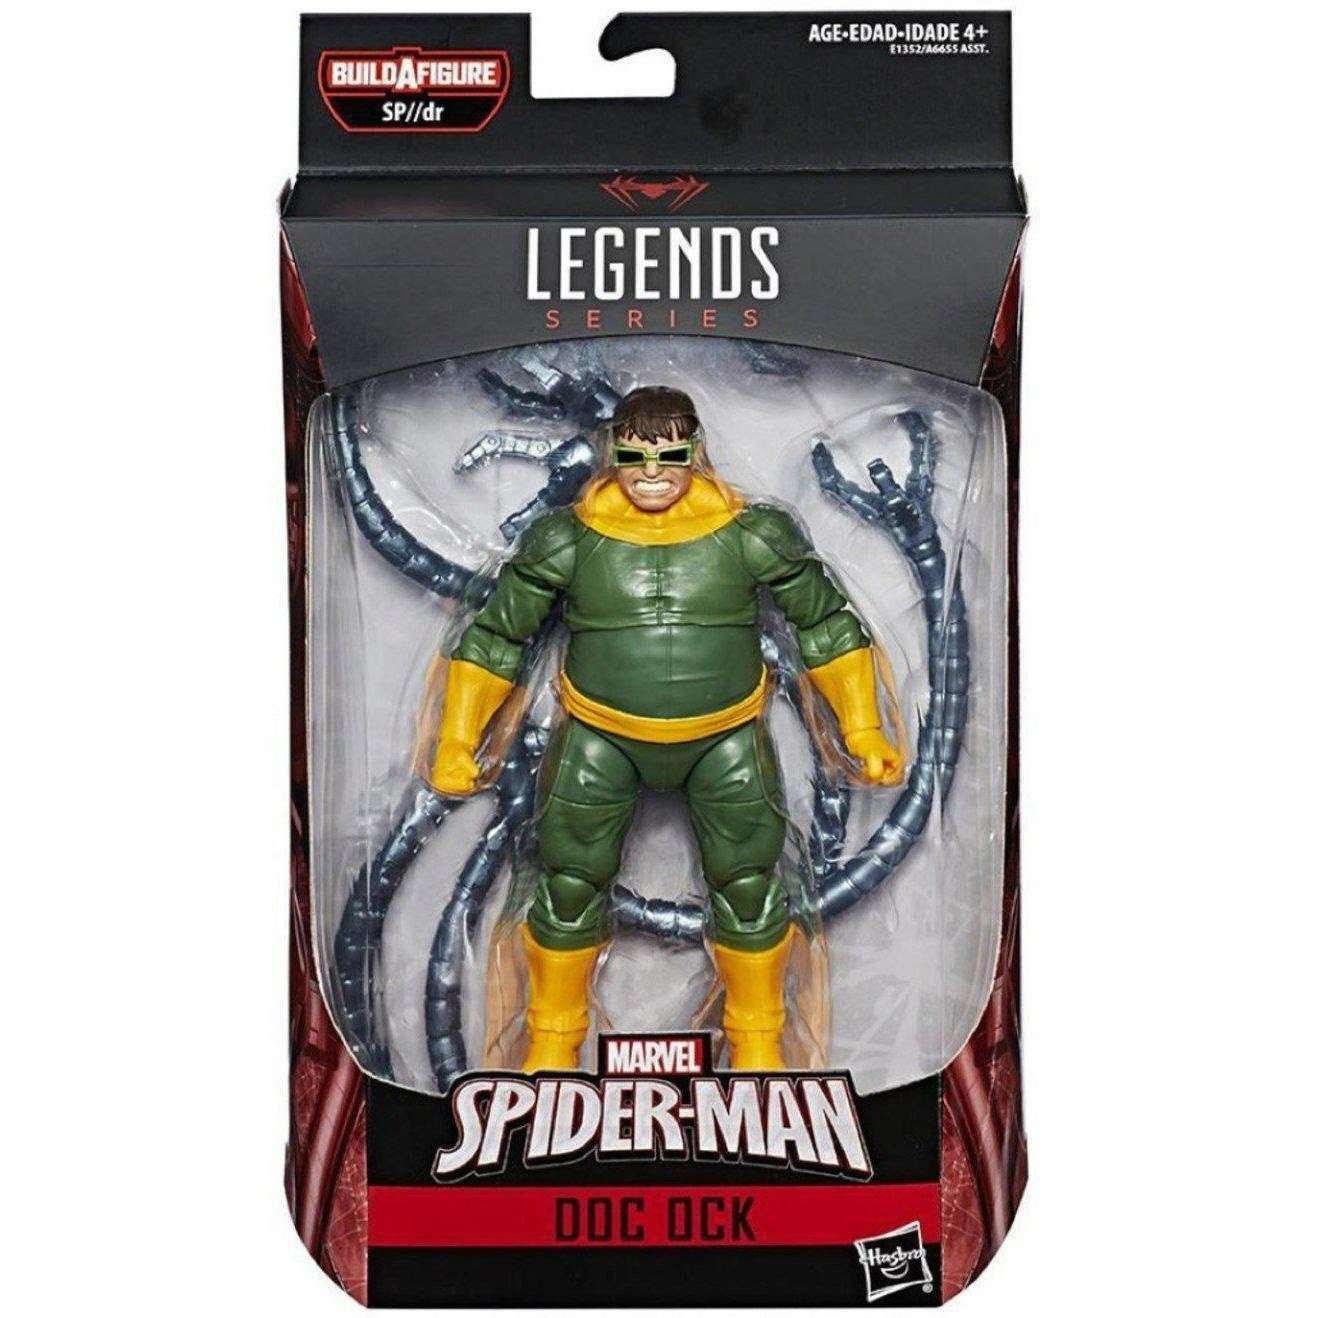 Image of Spider-Man Marvel Legends Wave 10 (SP//DR BAF) - Doc Ock